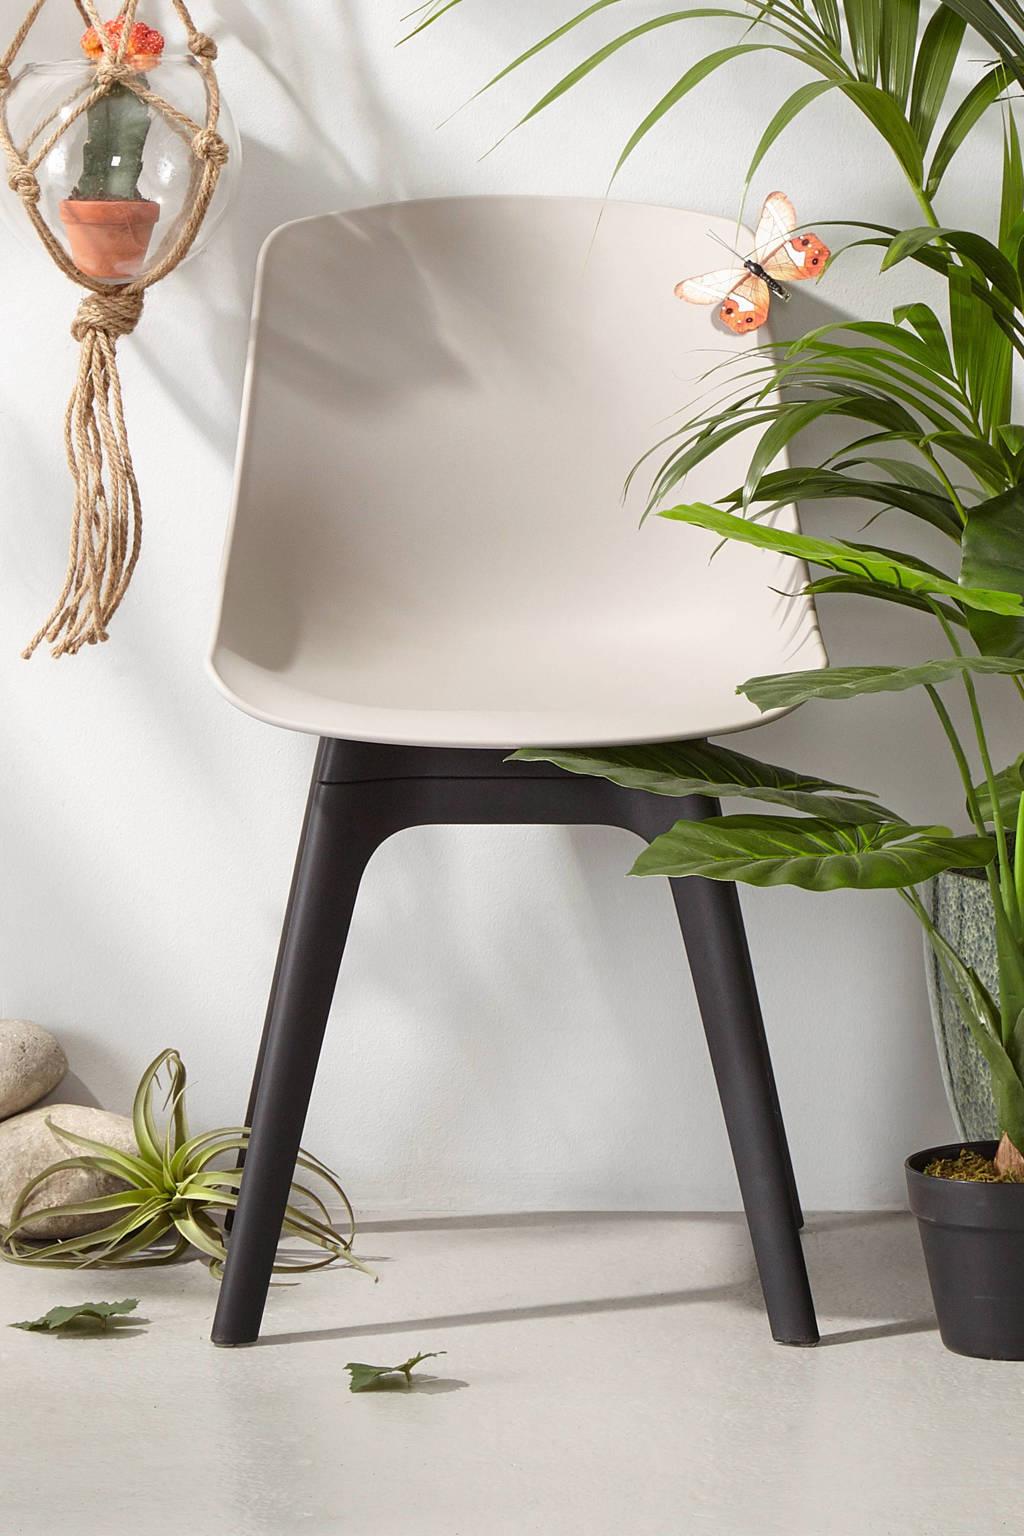 whkmp's own tuinstoel Sado, Taupe/zwart